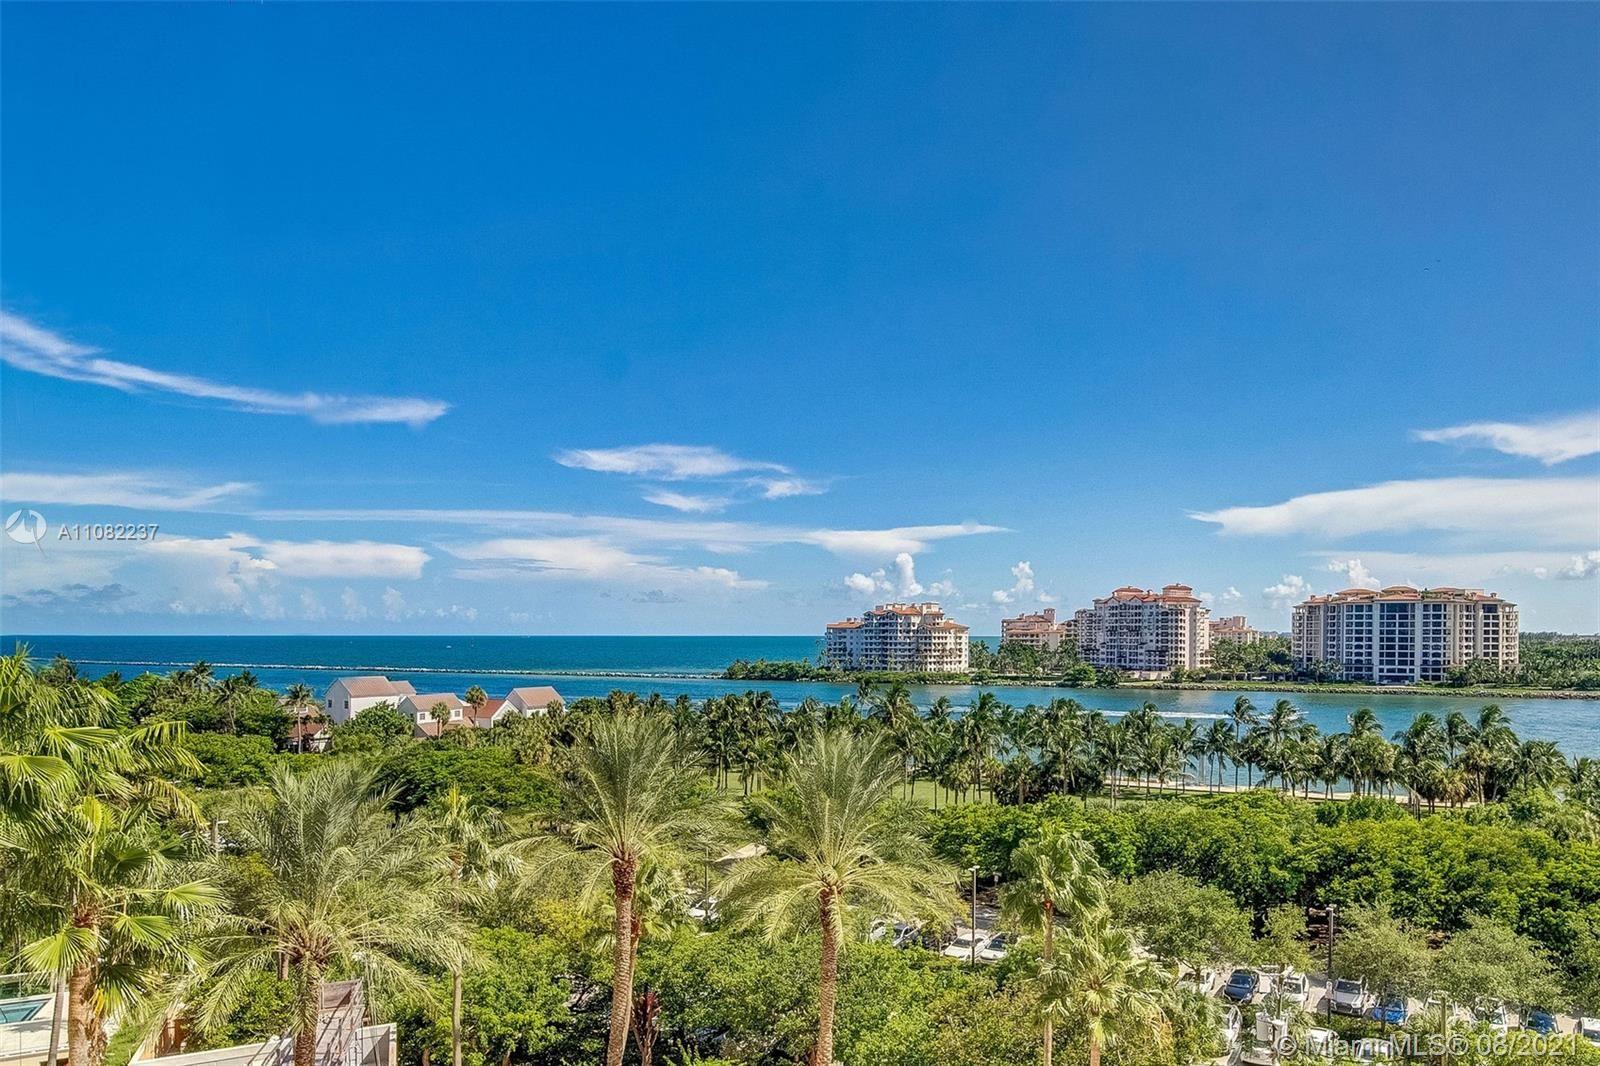 300 S Pointe Dr #808, Miami Beach, FL 33139 - #: A11082237